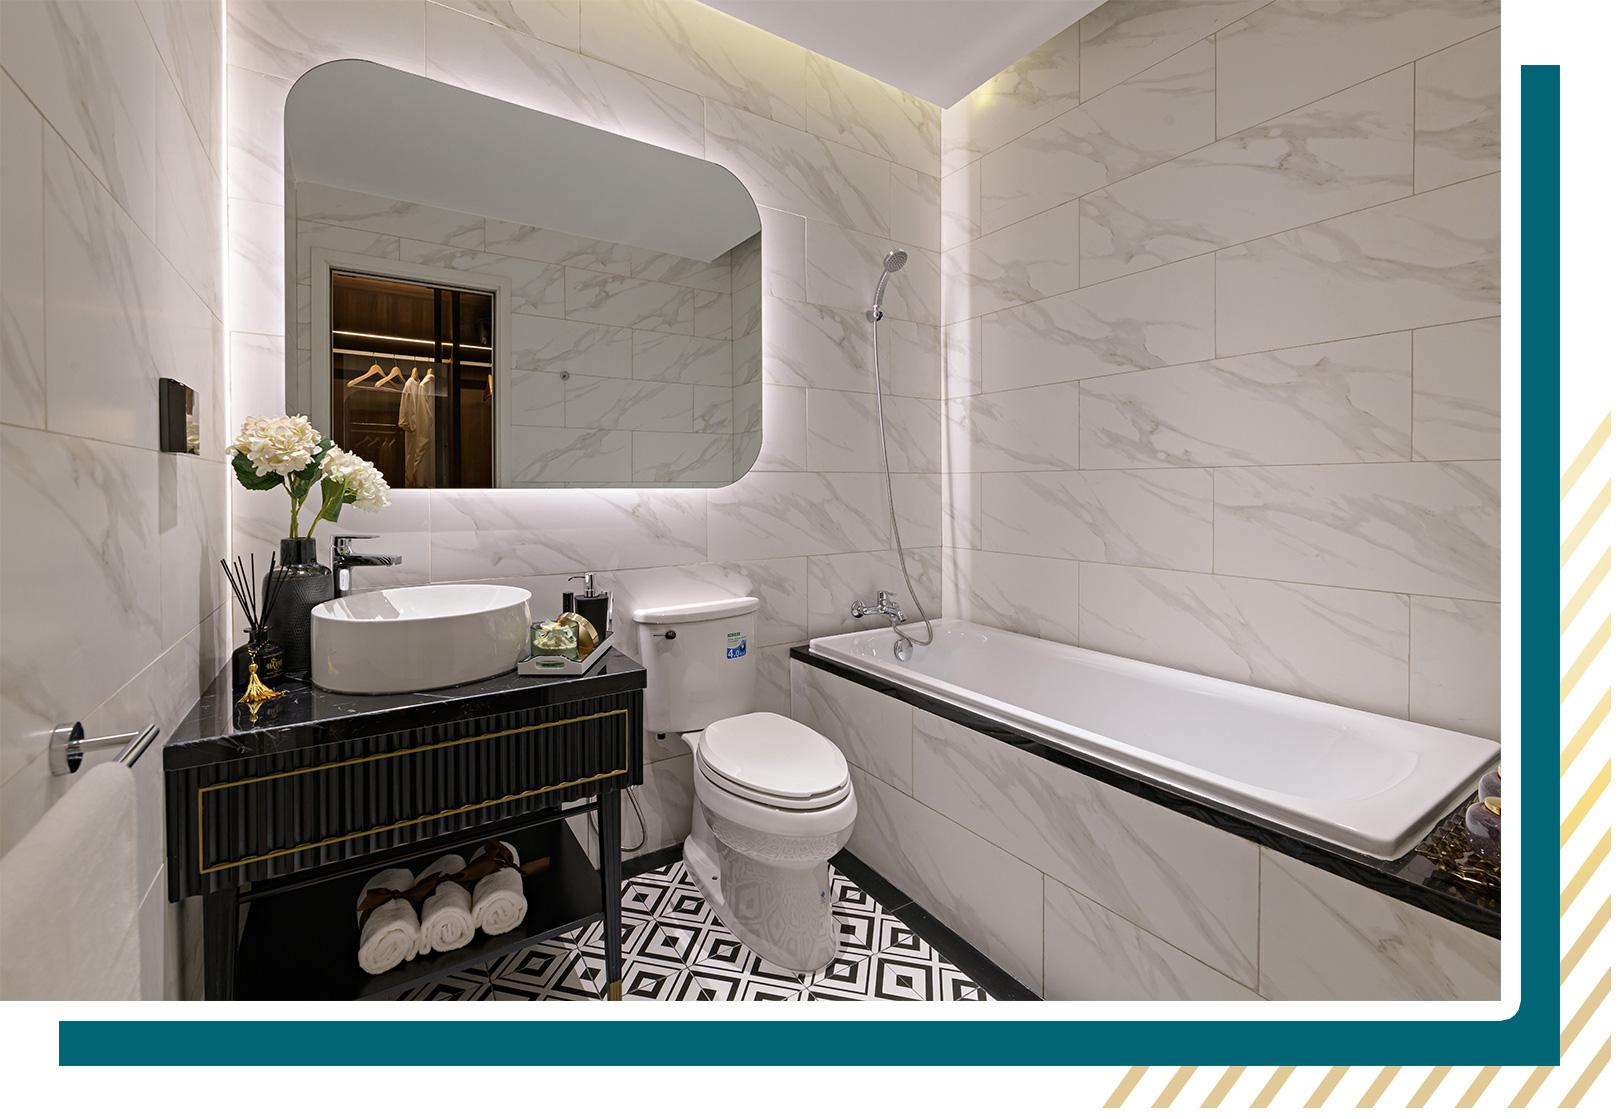 Anderson Park - căn hộ chuẩn hạng phòng Suite 5 sao đã sẵn sàng trình làng - Ảnh 8.